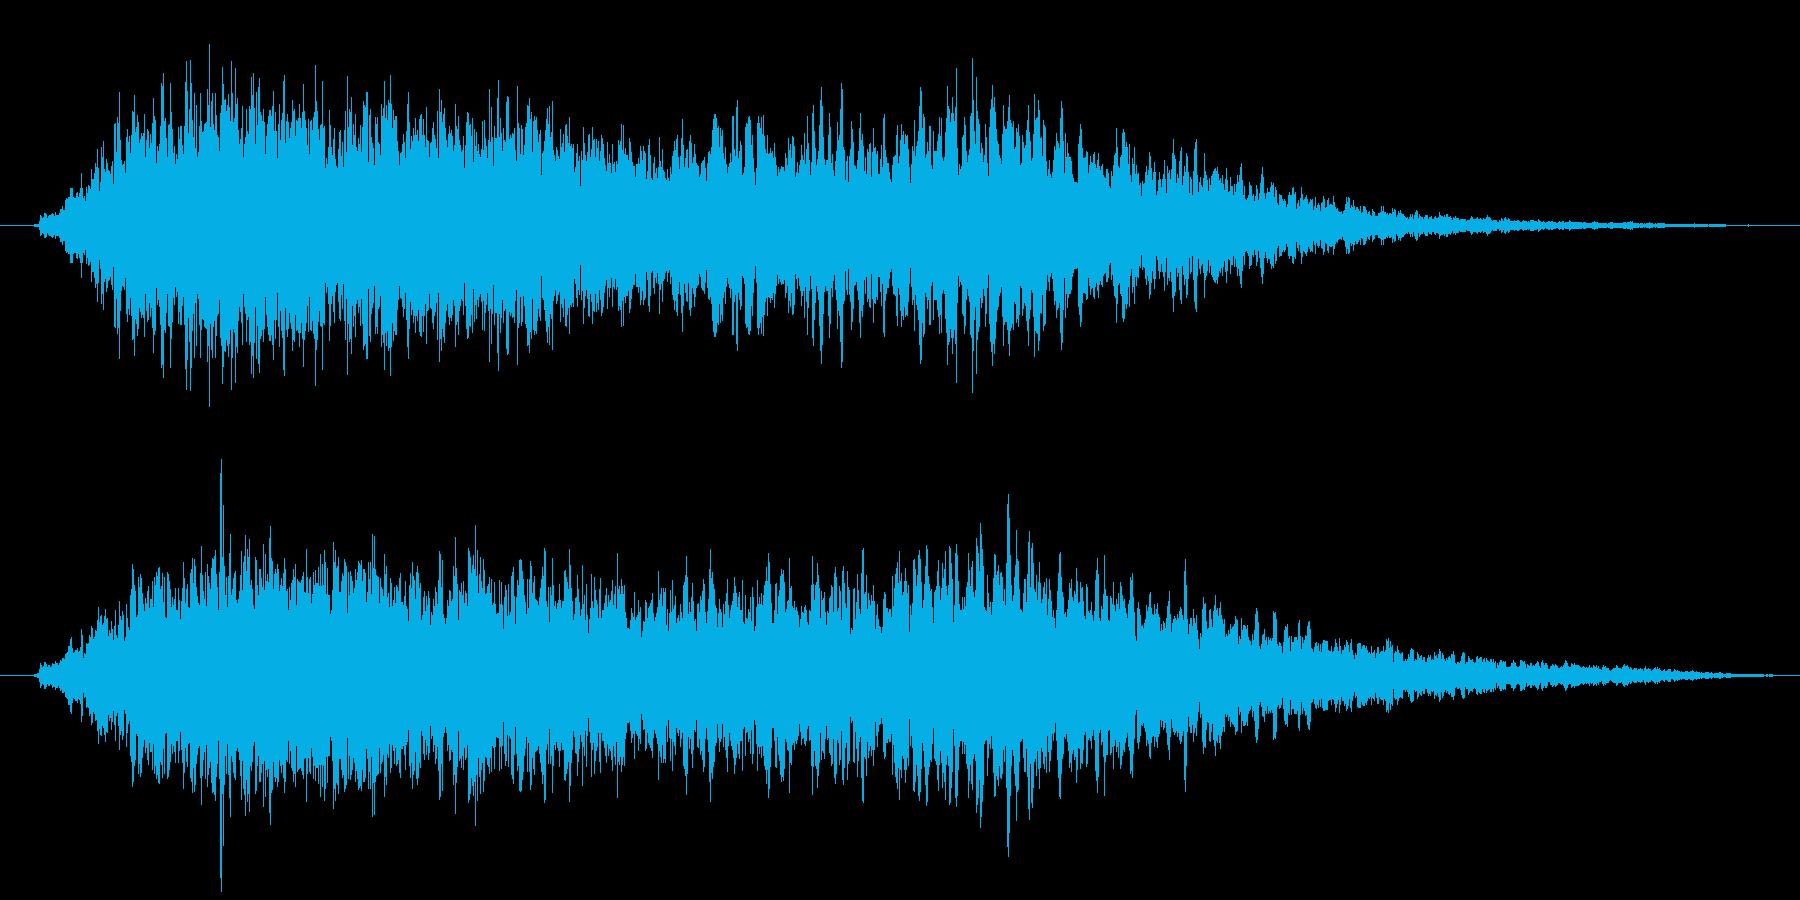 ふわふわした雰囲気のヒーリングBGMの再生済みの波形